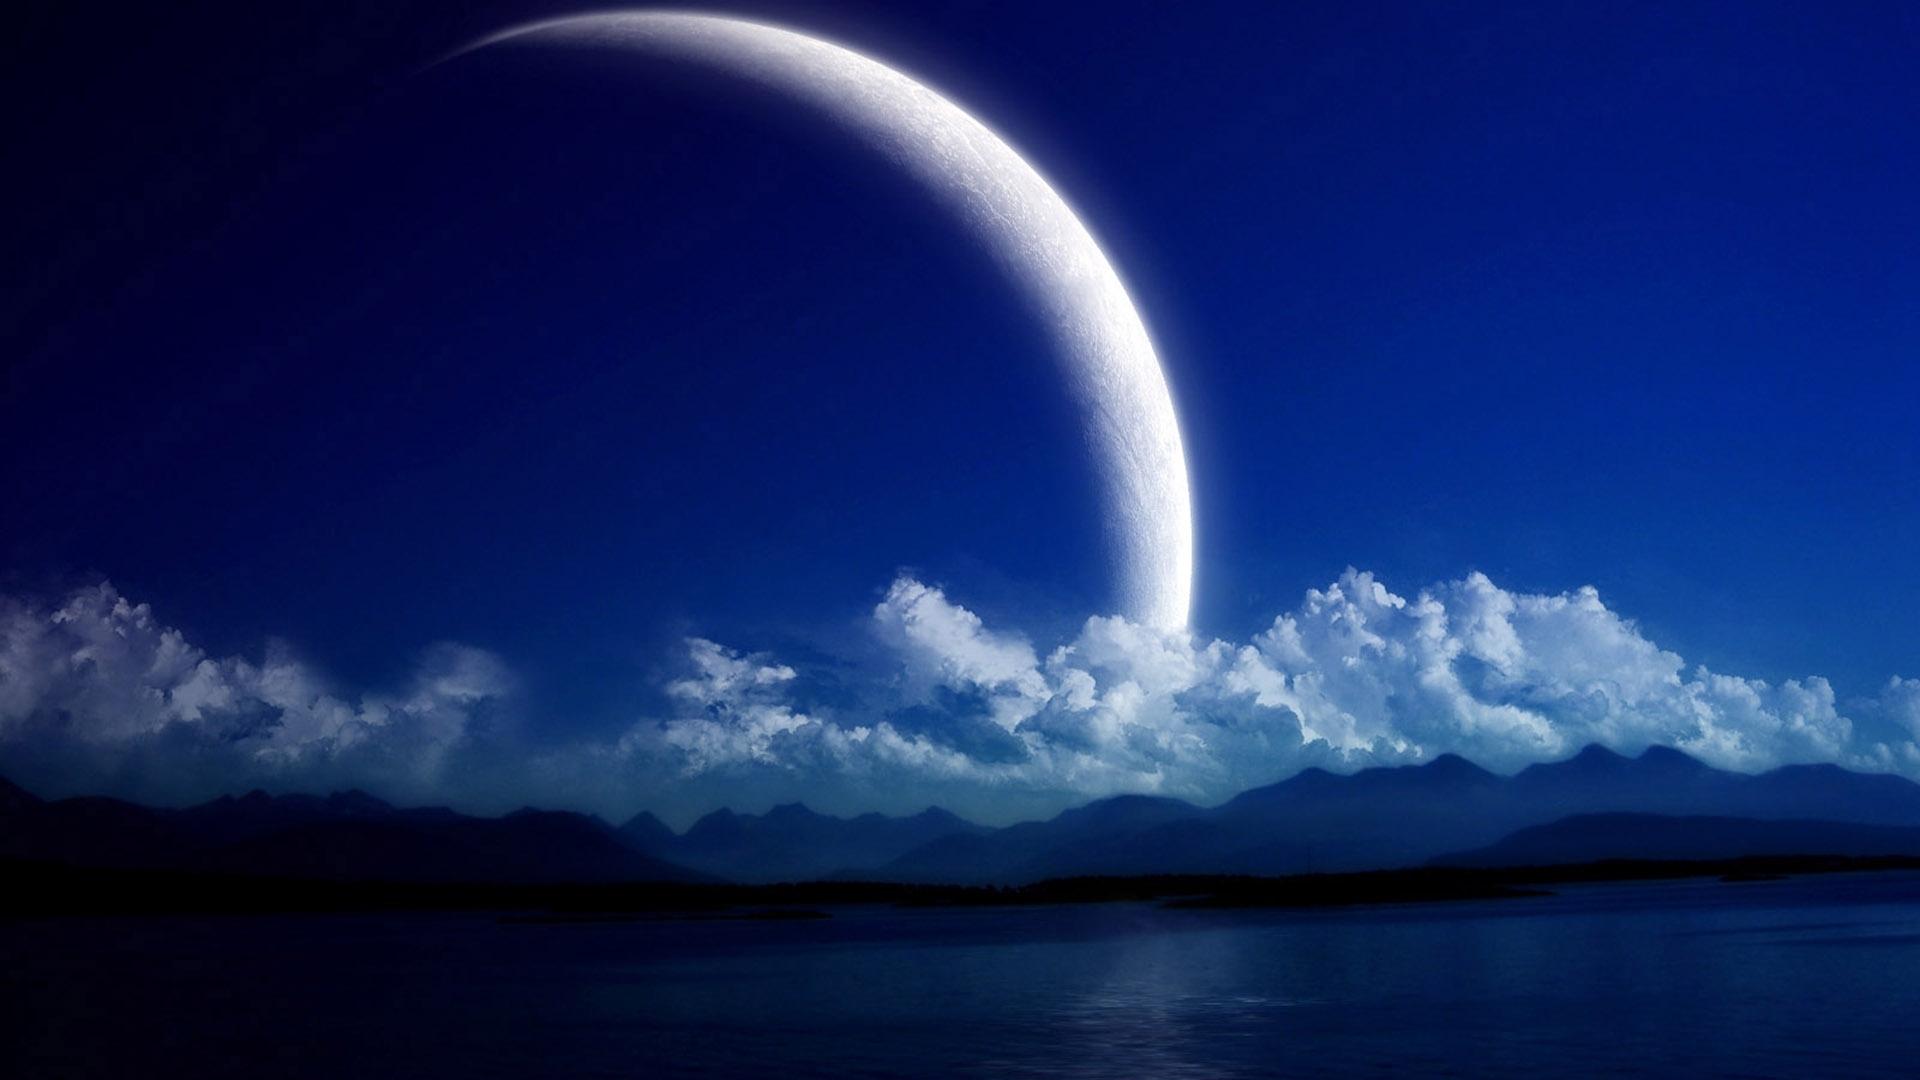 26587 免費下載壁紙 景观, 幻想, 山, 海, 云, 月球 屏保和圖片